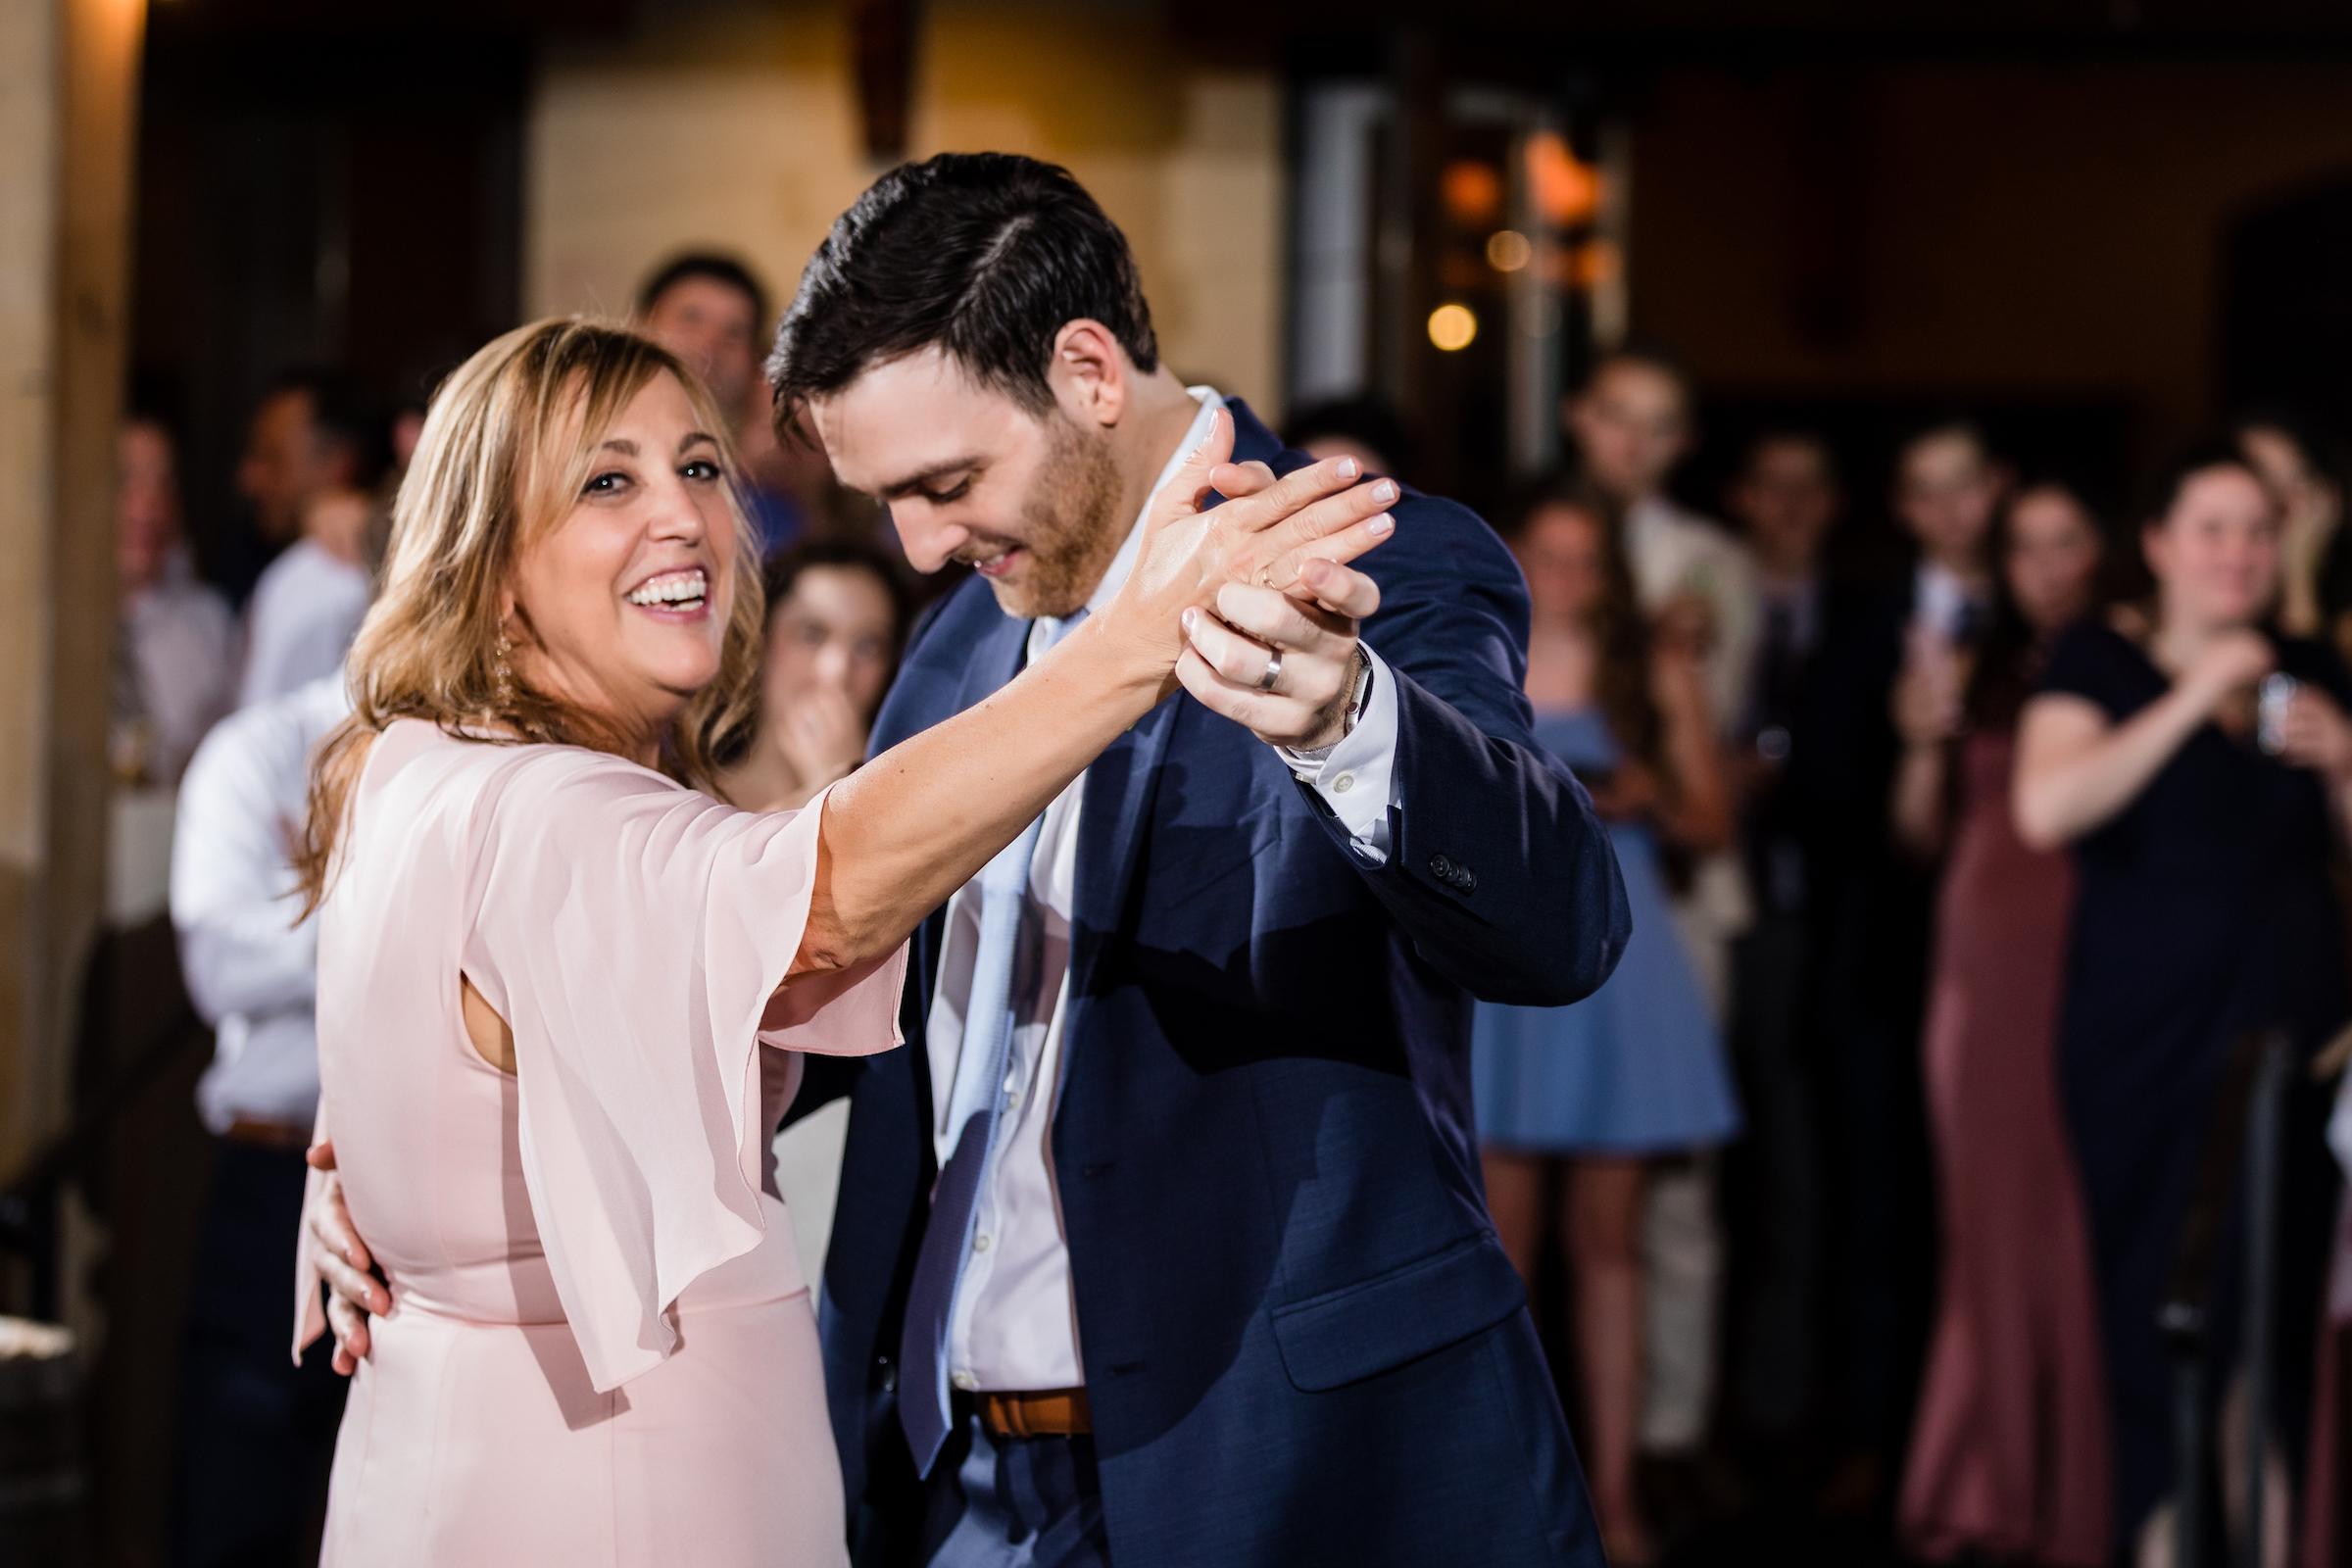 brielle-davis-events-kairos-photography-chandler-hill-wedding-dancing-614.jpg